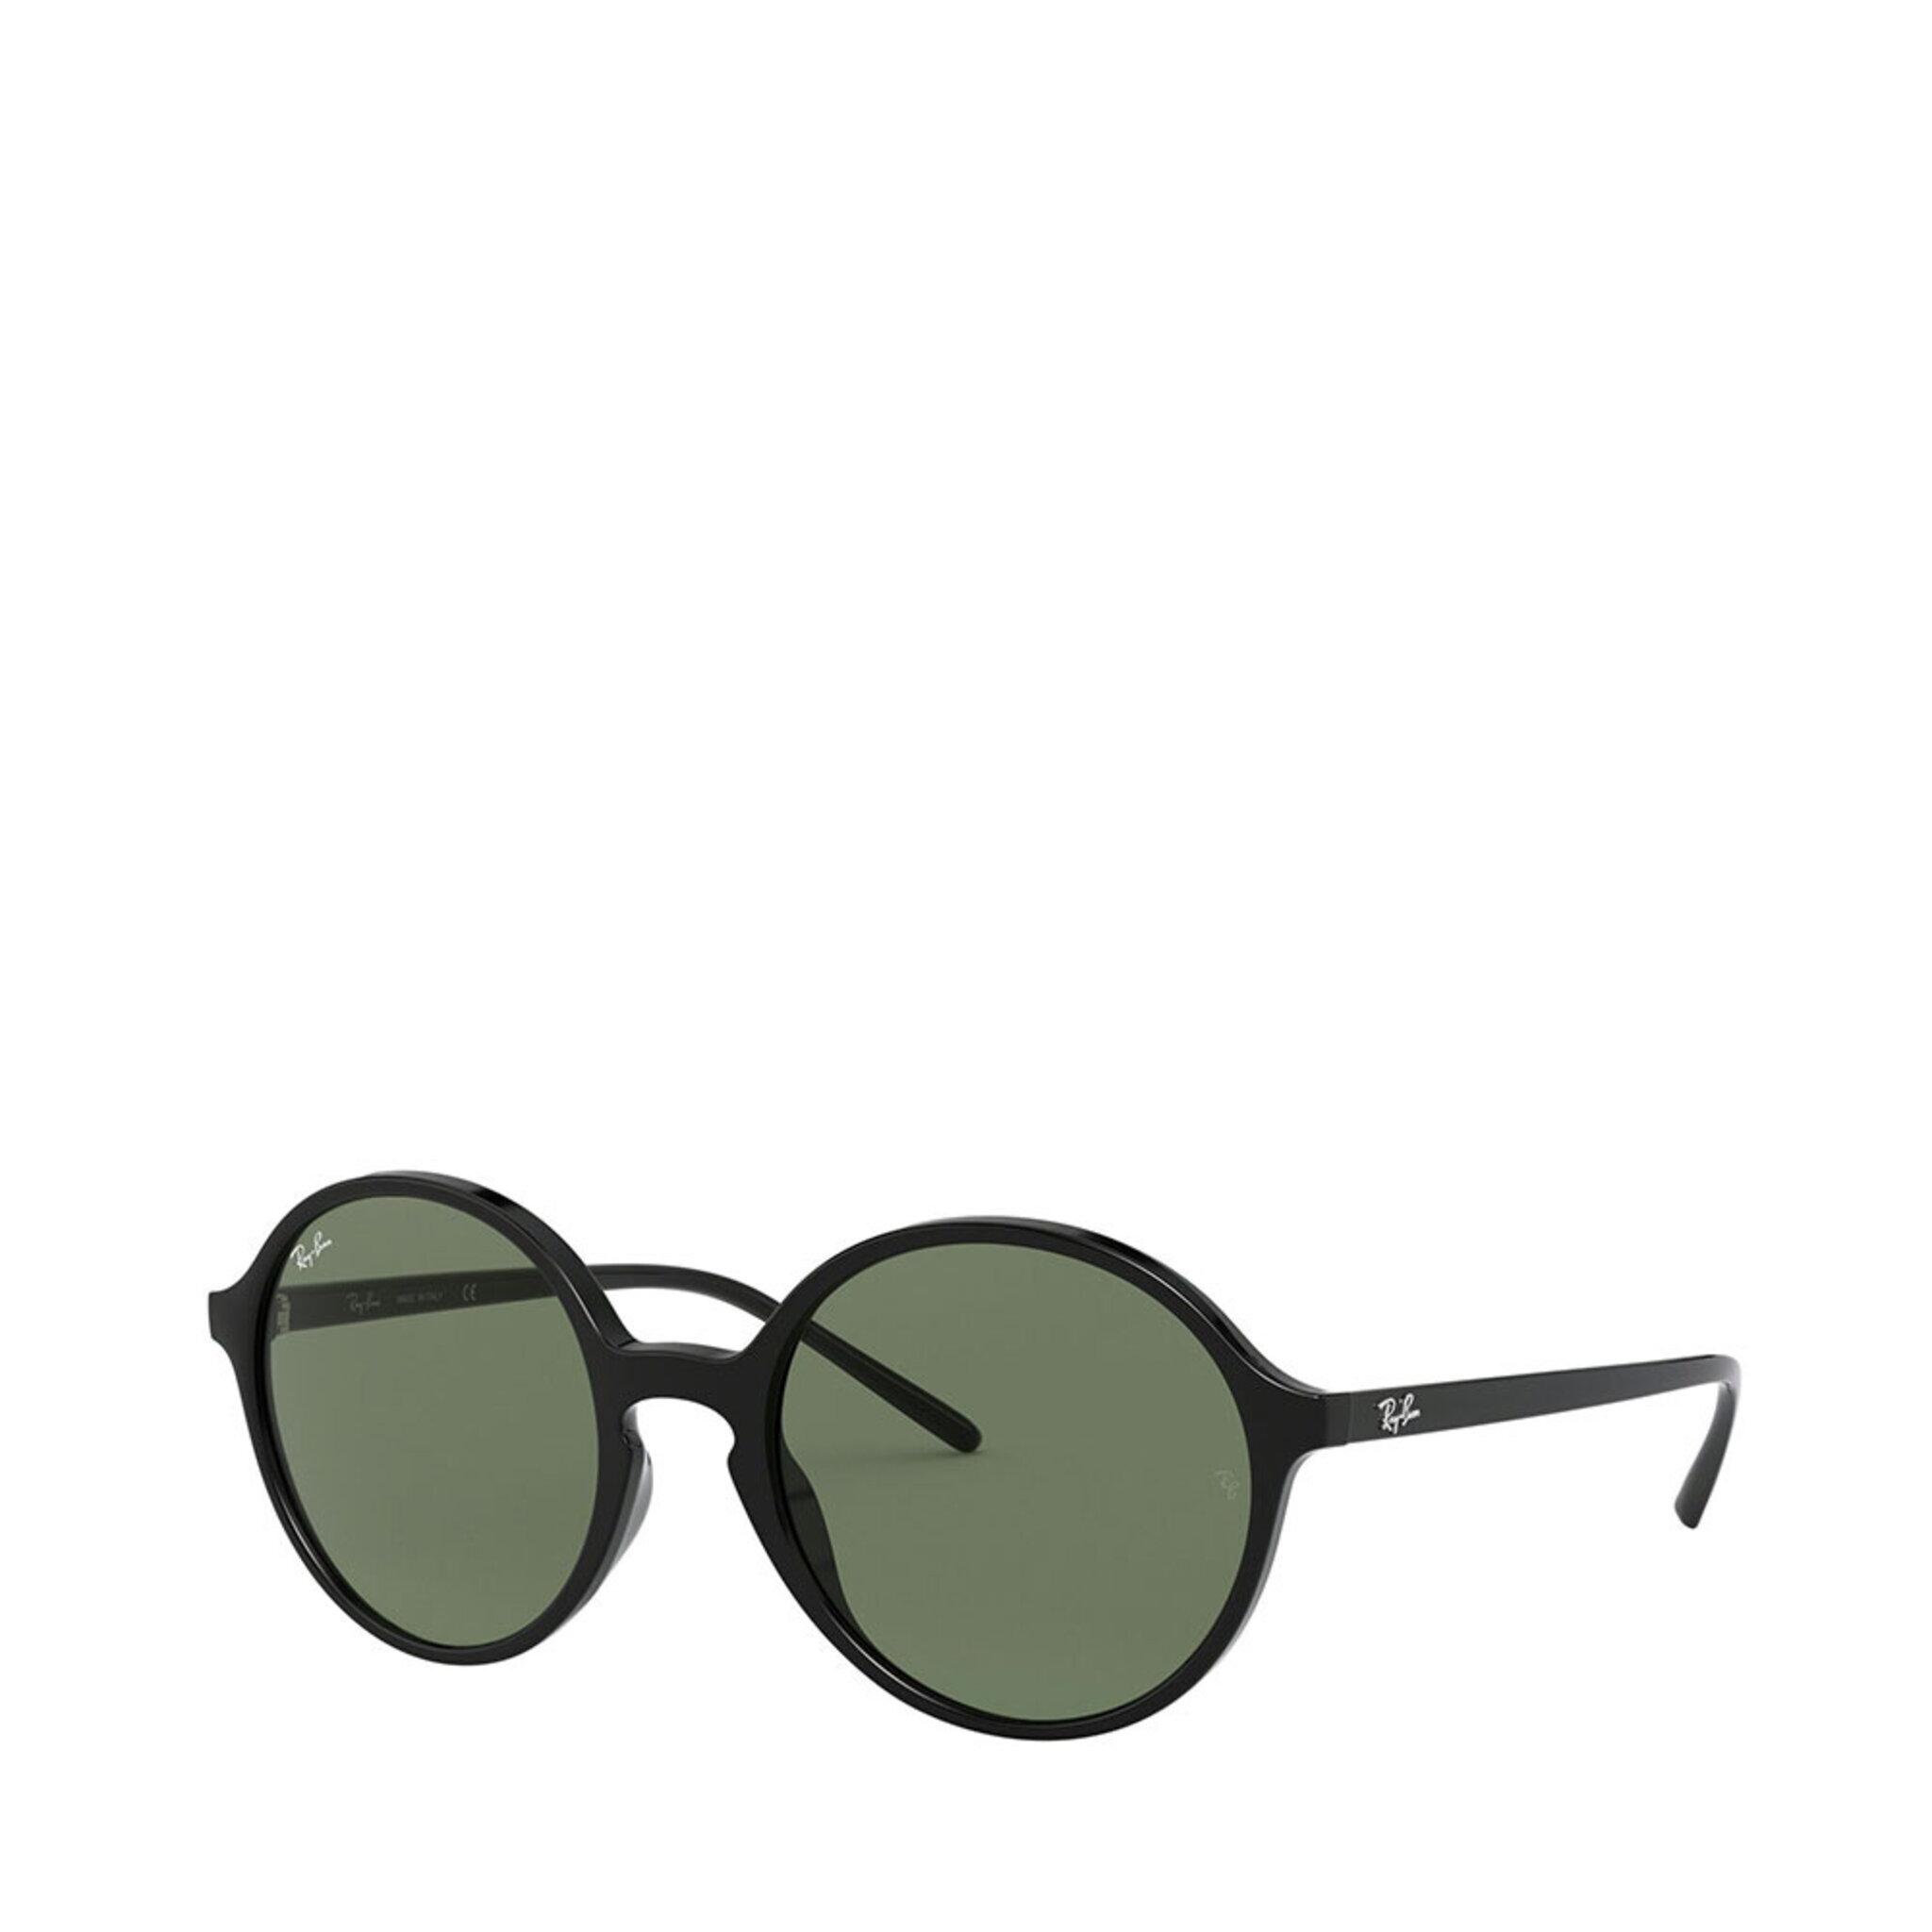 Sunglasses 0RB4304